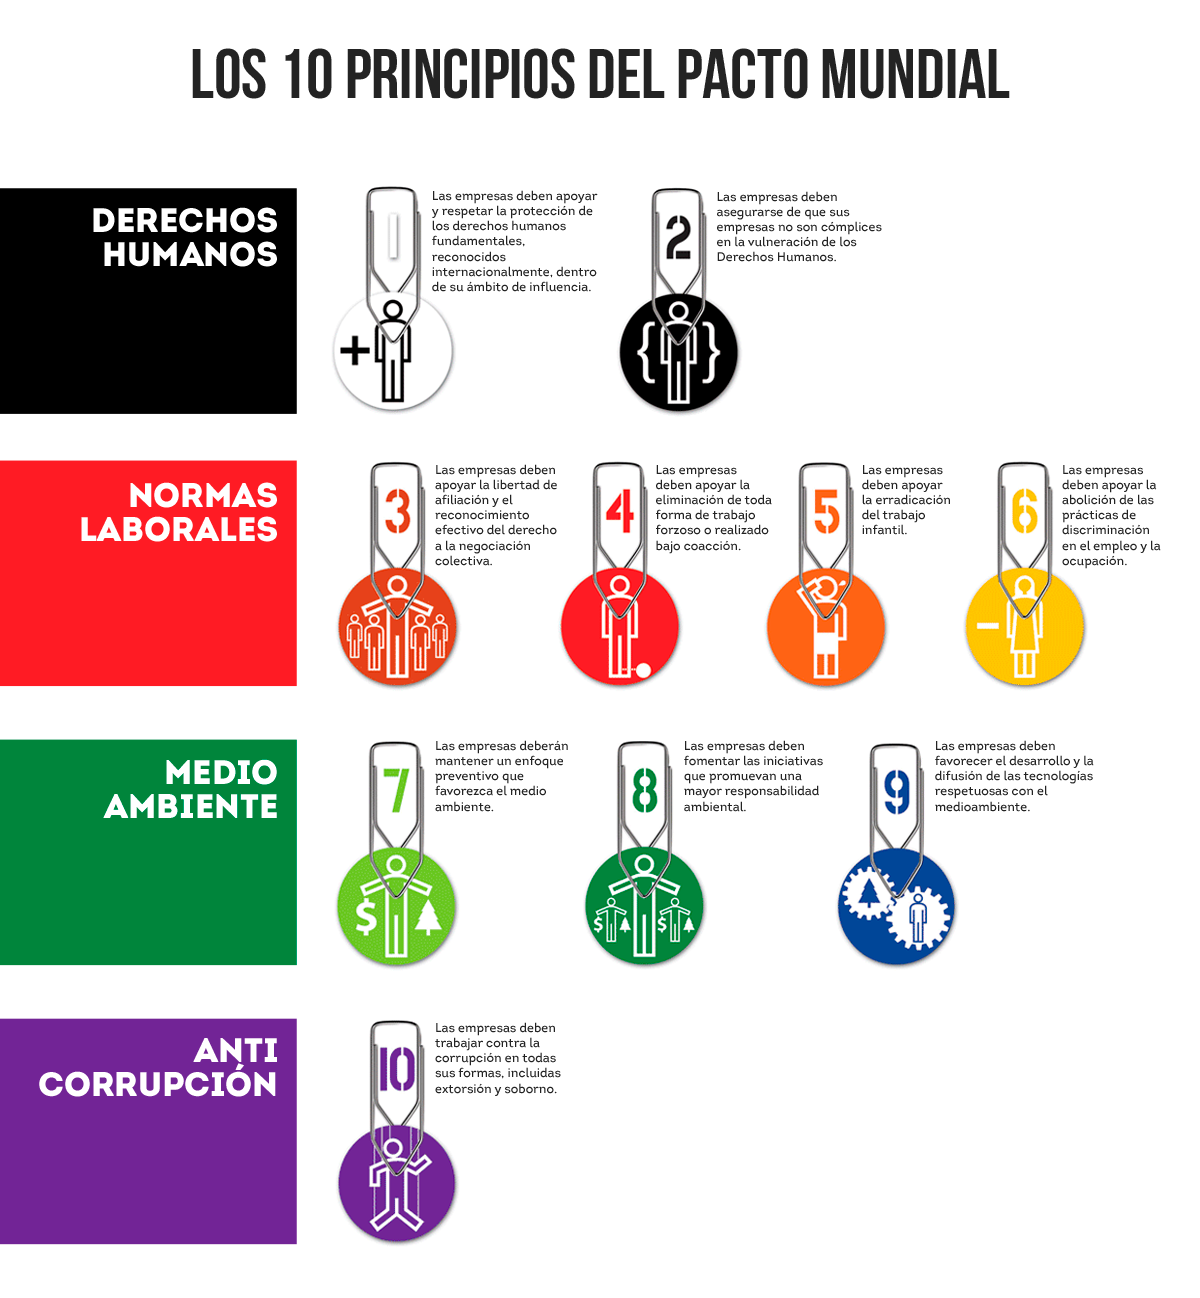 Resultado de imagen para 10 principios pacto global